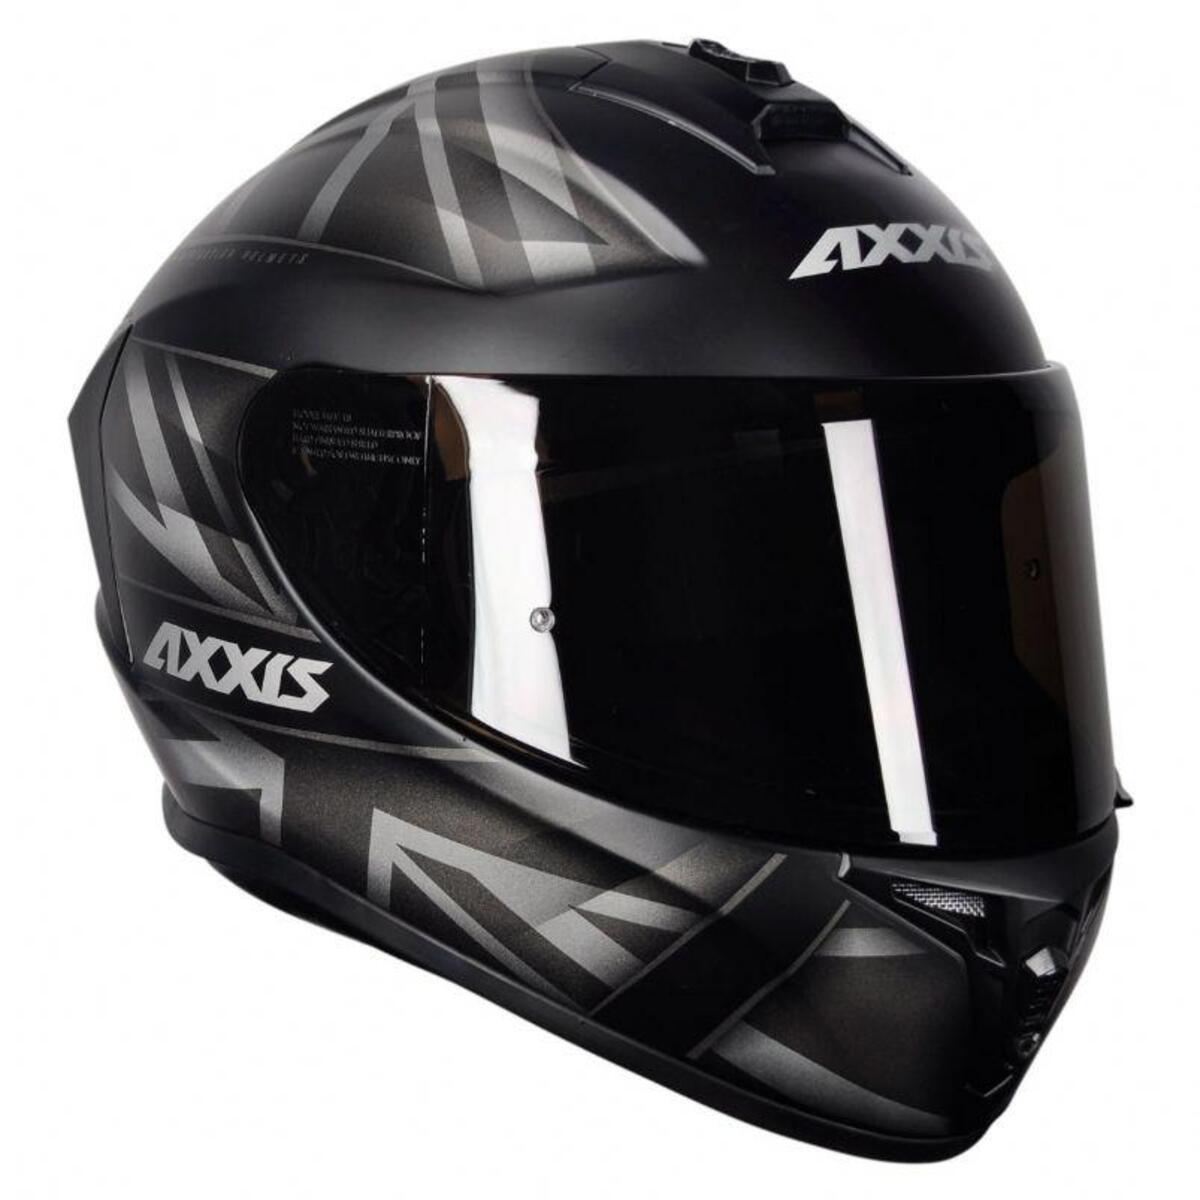 CAPACETE AXXIS DRAKEN UK MATTE BLACK/GREY 58/M